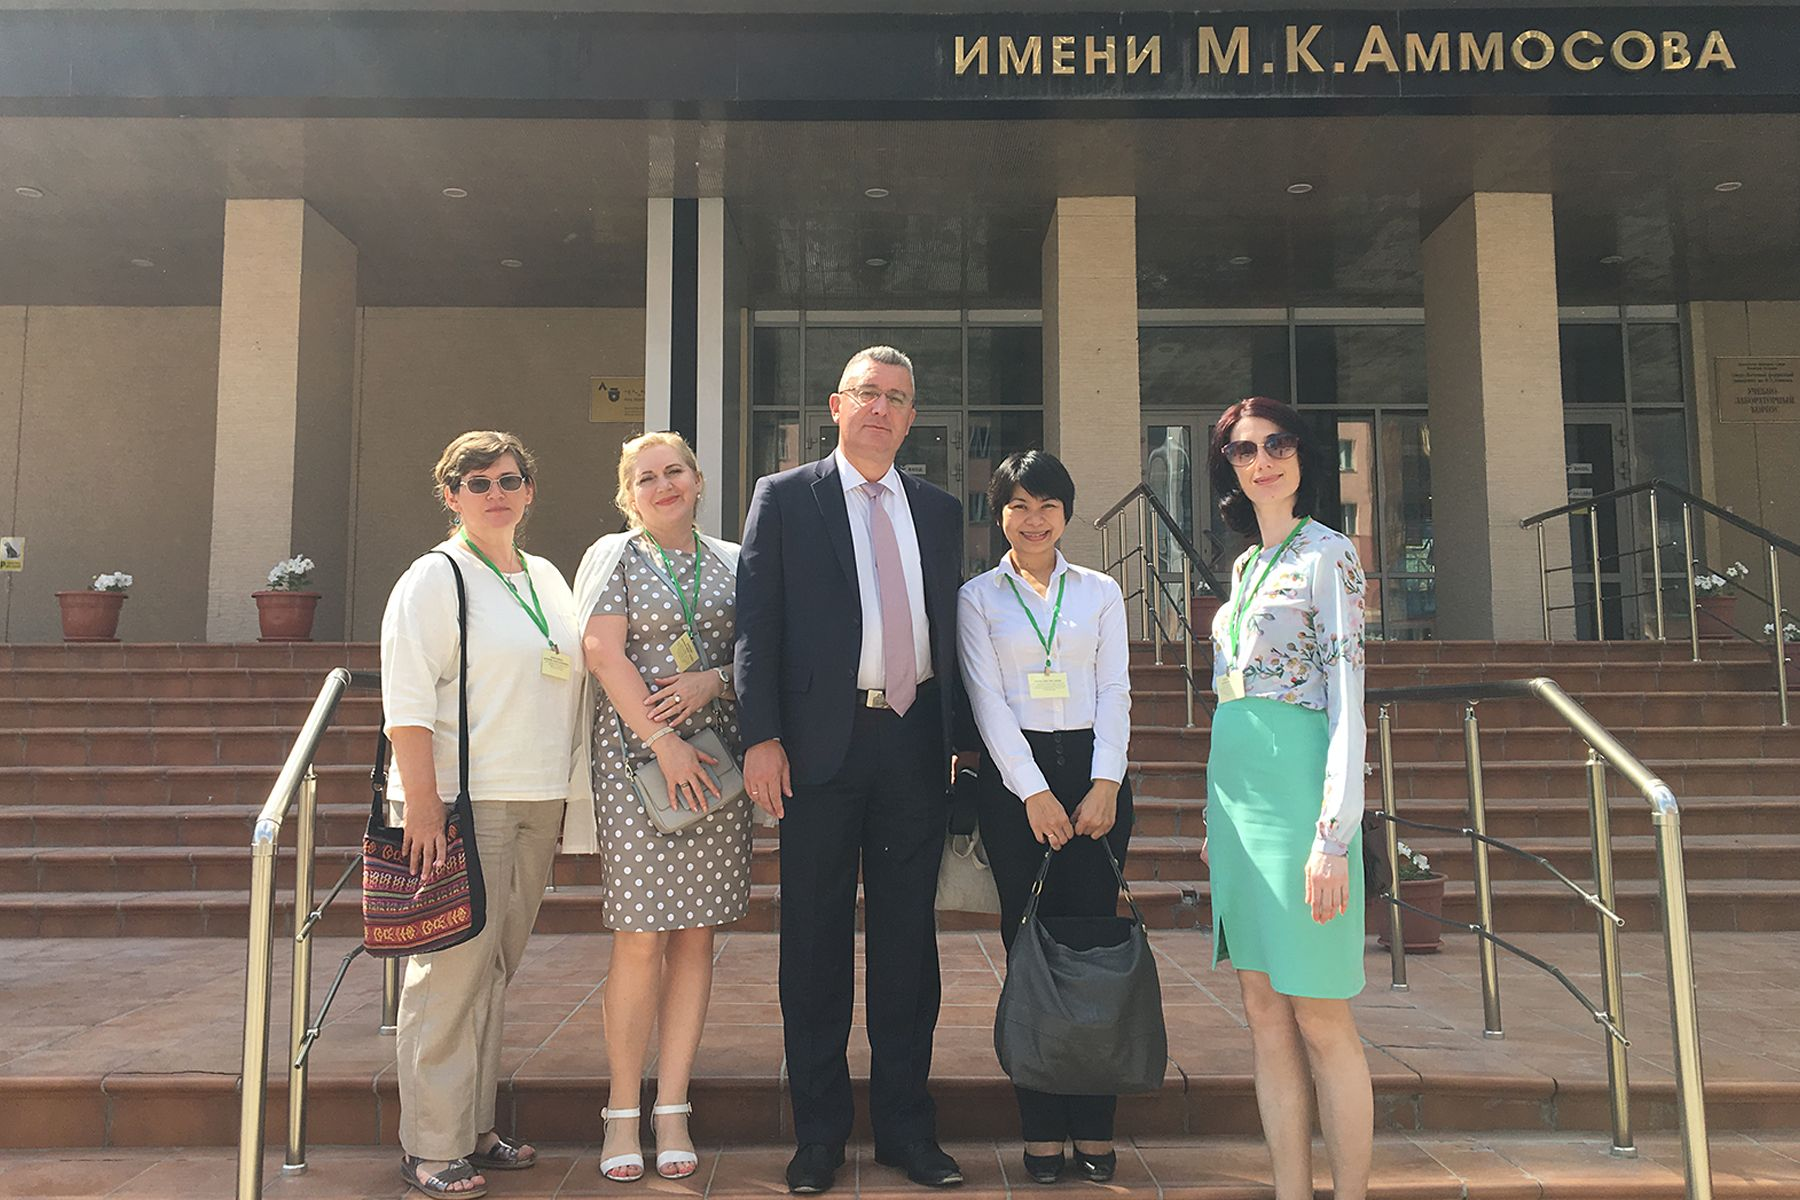 Филологи ВГУЭС выступили на II Международном форуме в Якутске и Всероссийской научной конференции в Санкт-Петербурге